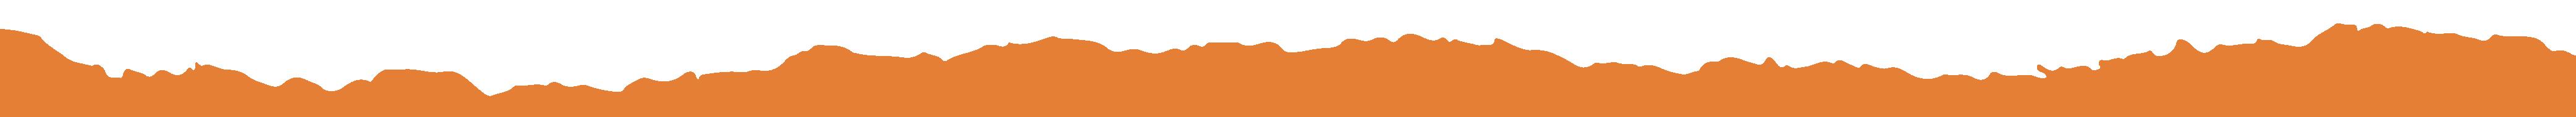 Row-orange